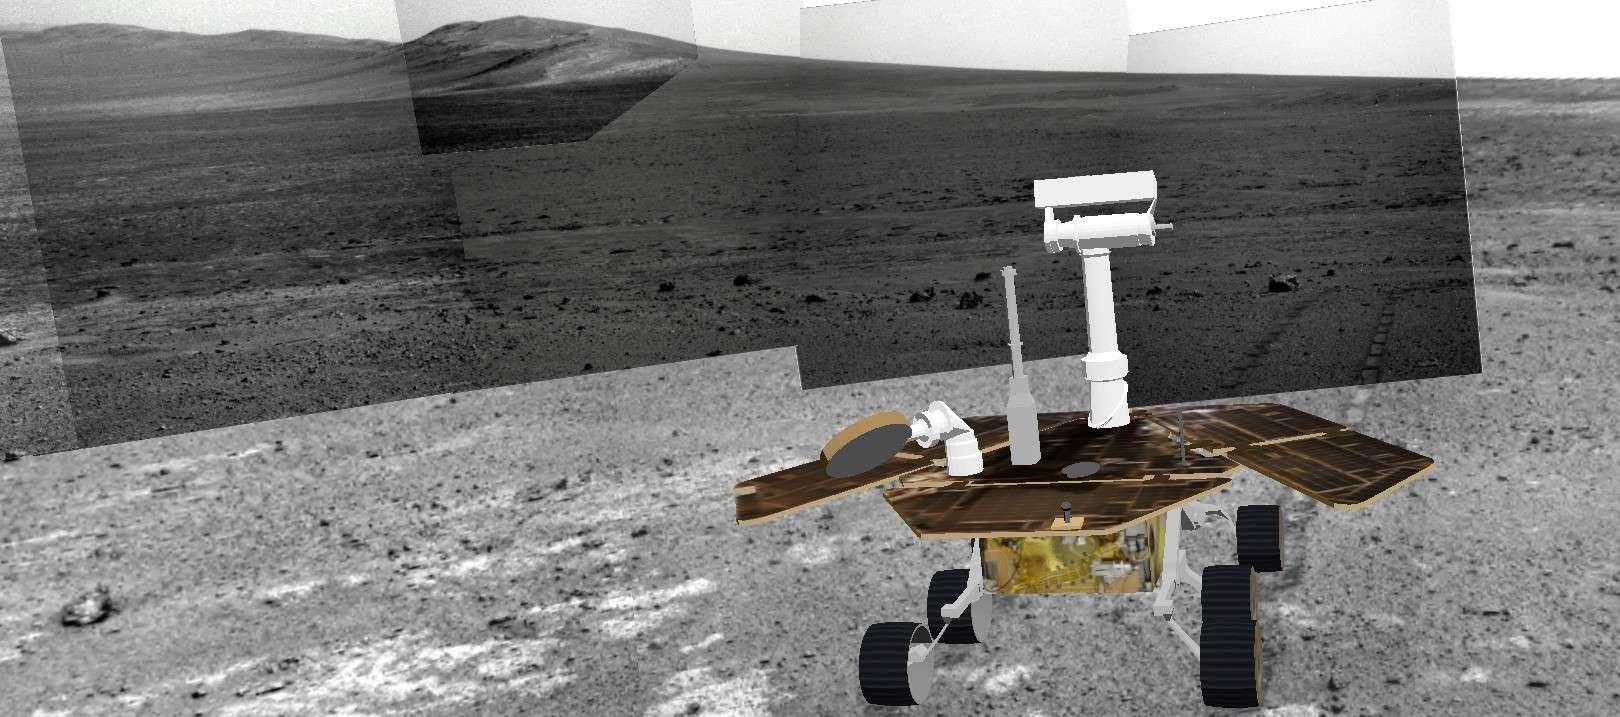 Opportunity et l'exploration du cratère Endeavour - Page 3 Image314